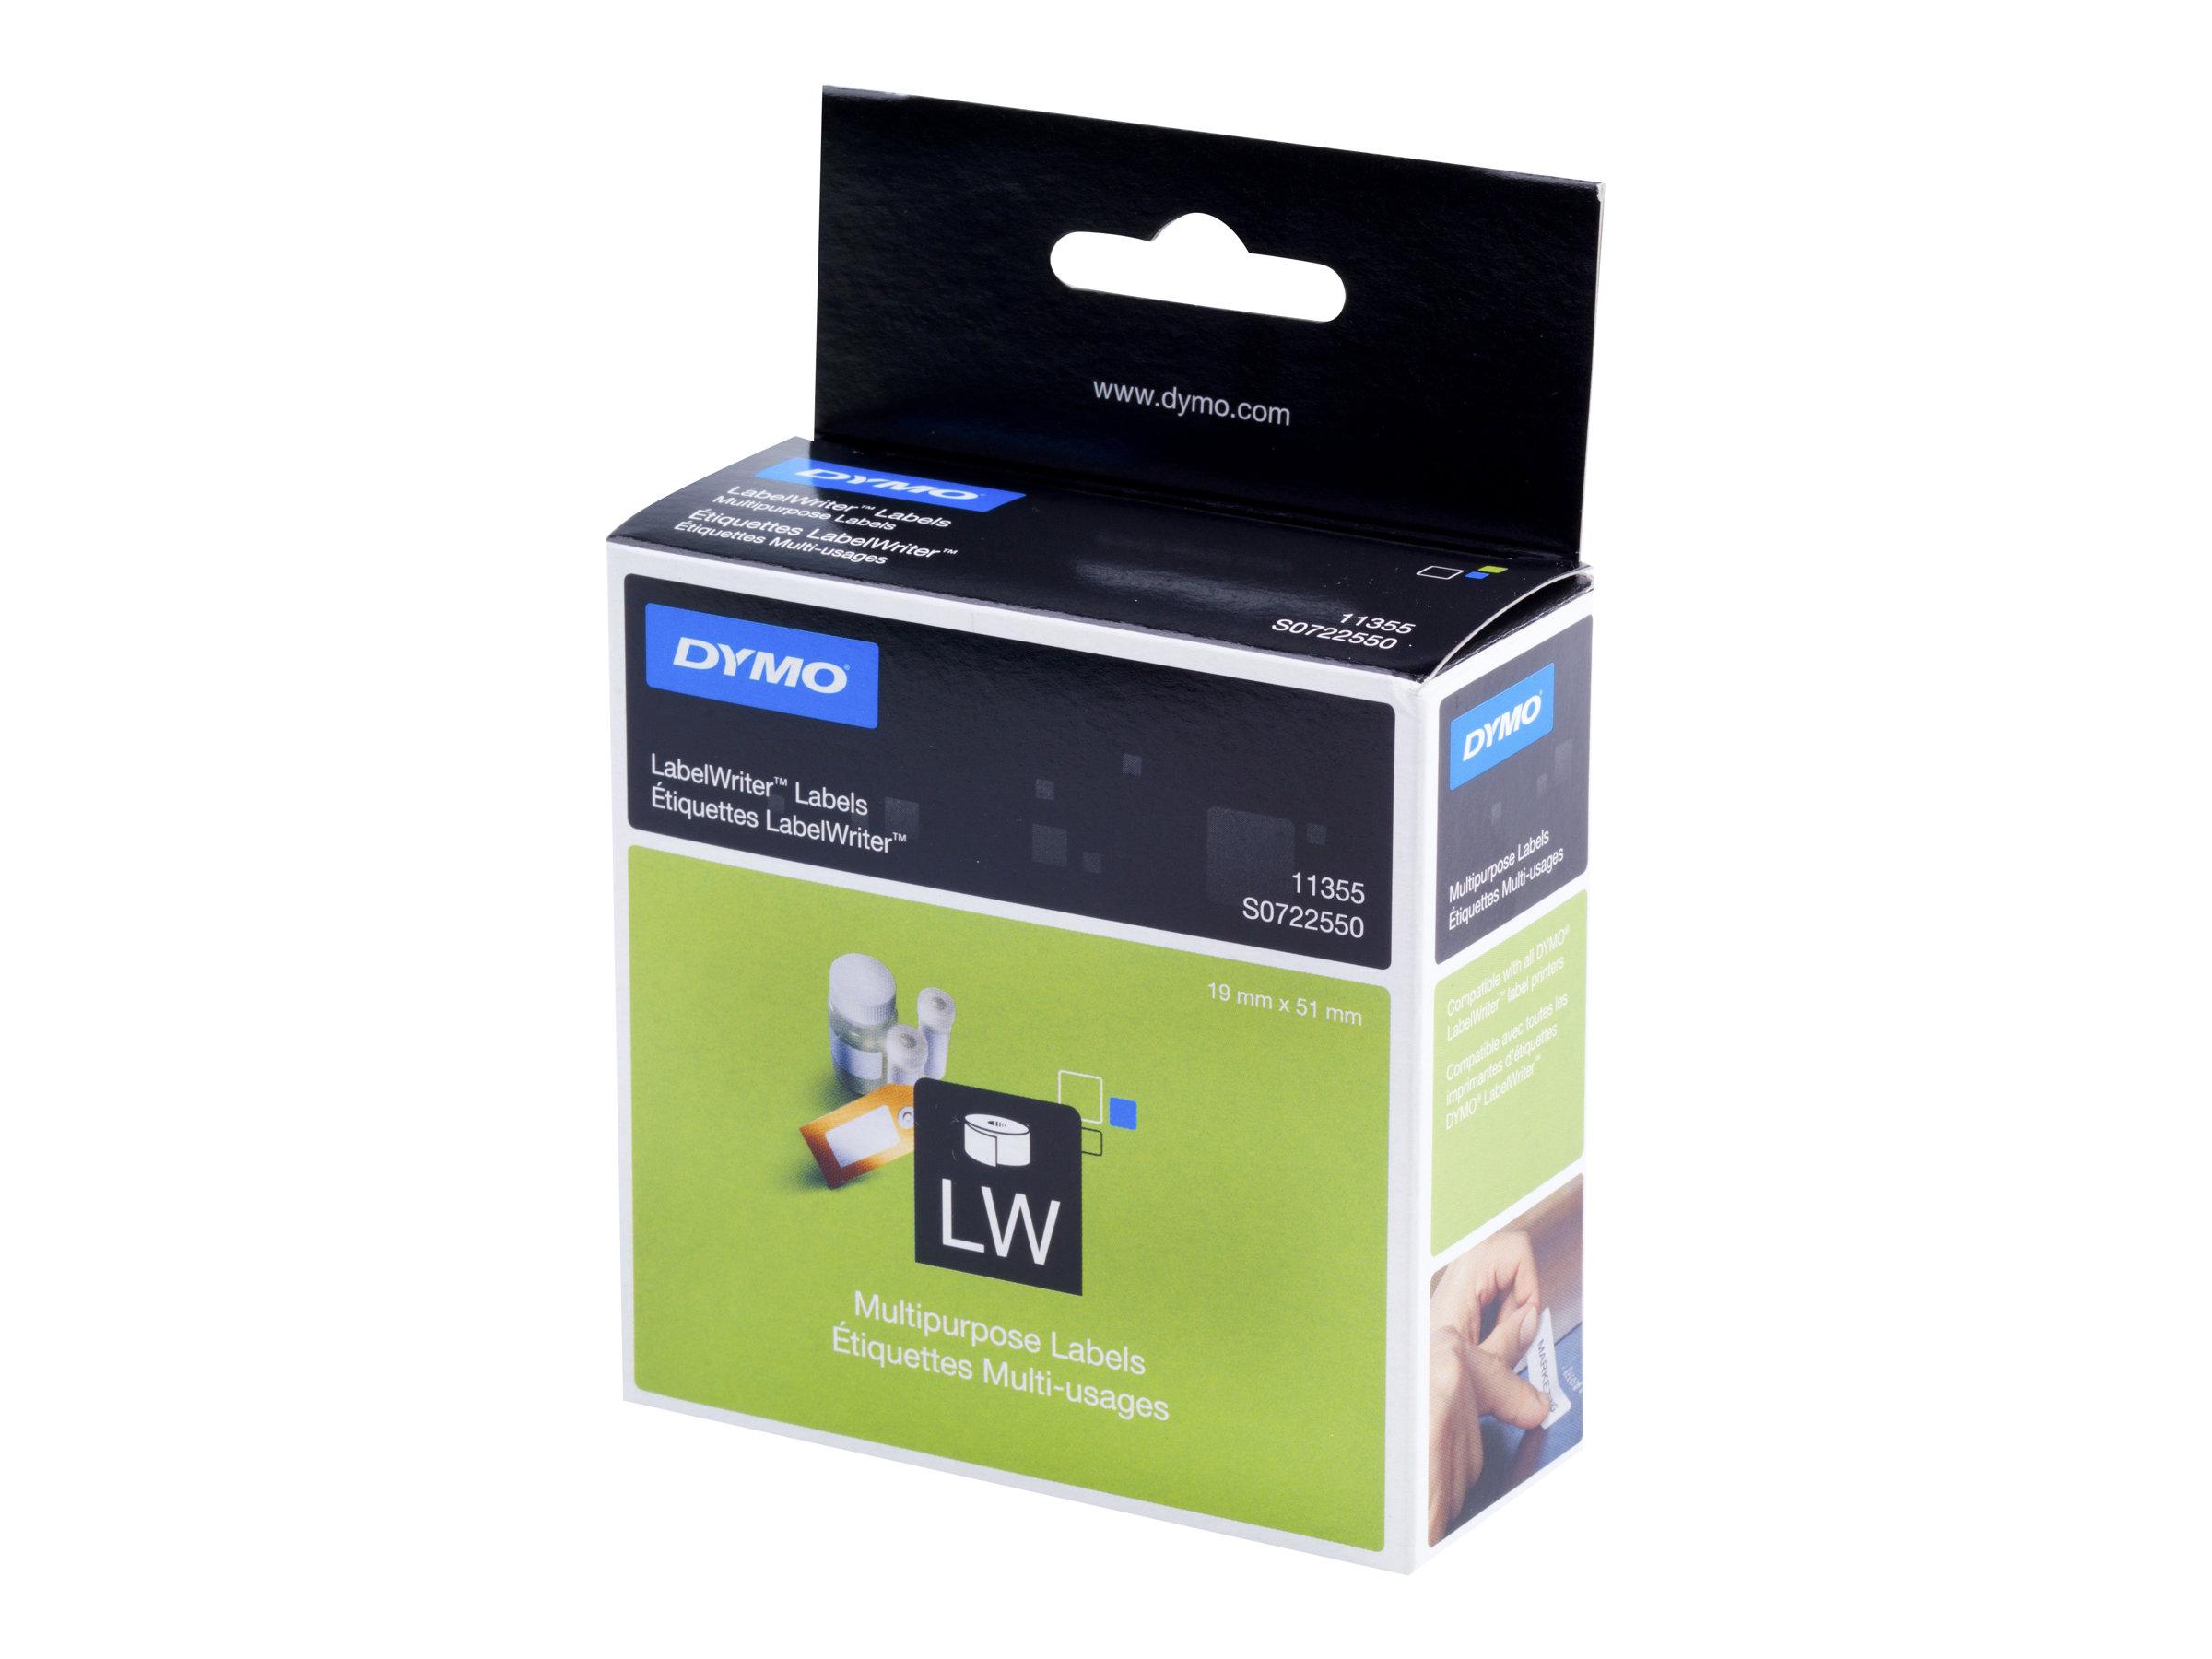 DYMO LabelWriter MultiPurpose - Weiss - 19 x 51 mm 500 Etikett(en) (1 Rolle(n) x 500) Mehrzwecketiketten - für DYMO LabelWriter